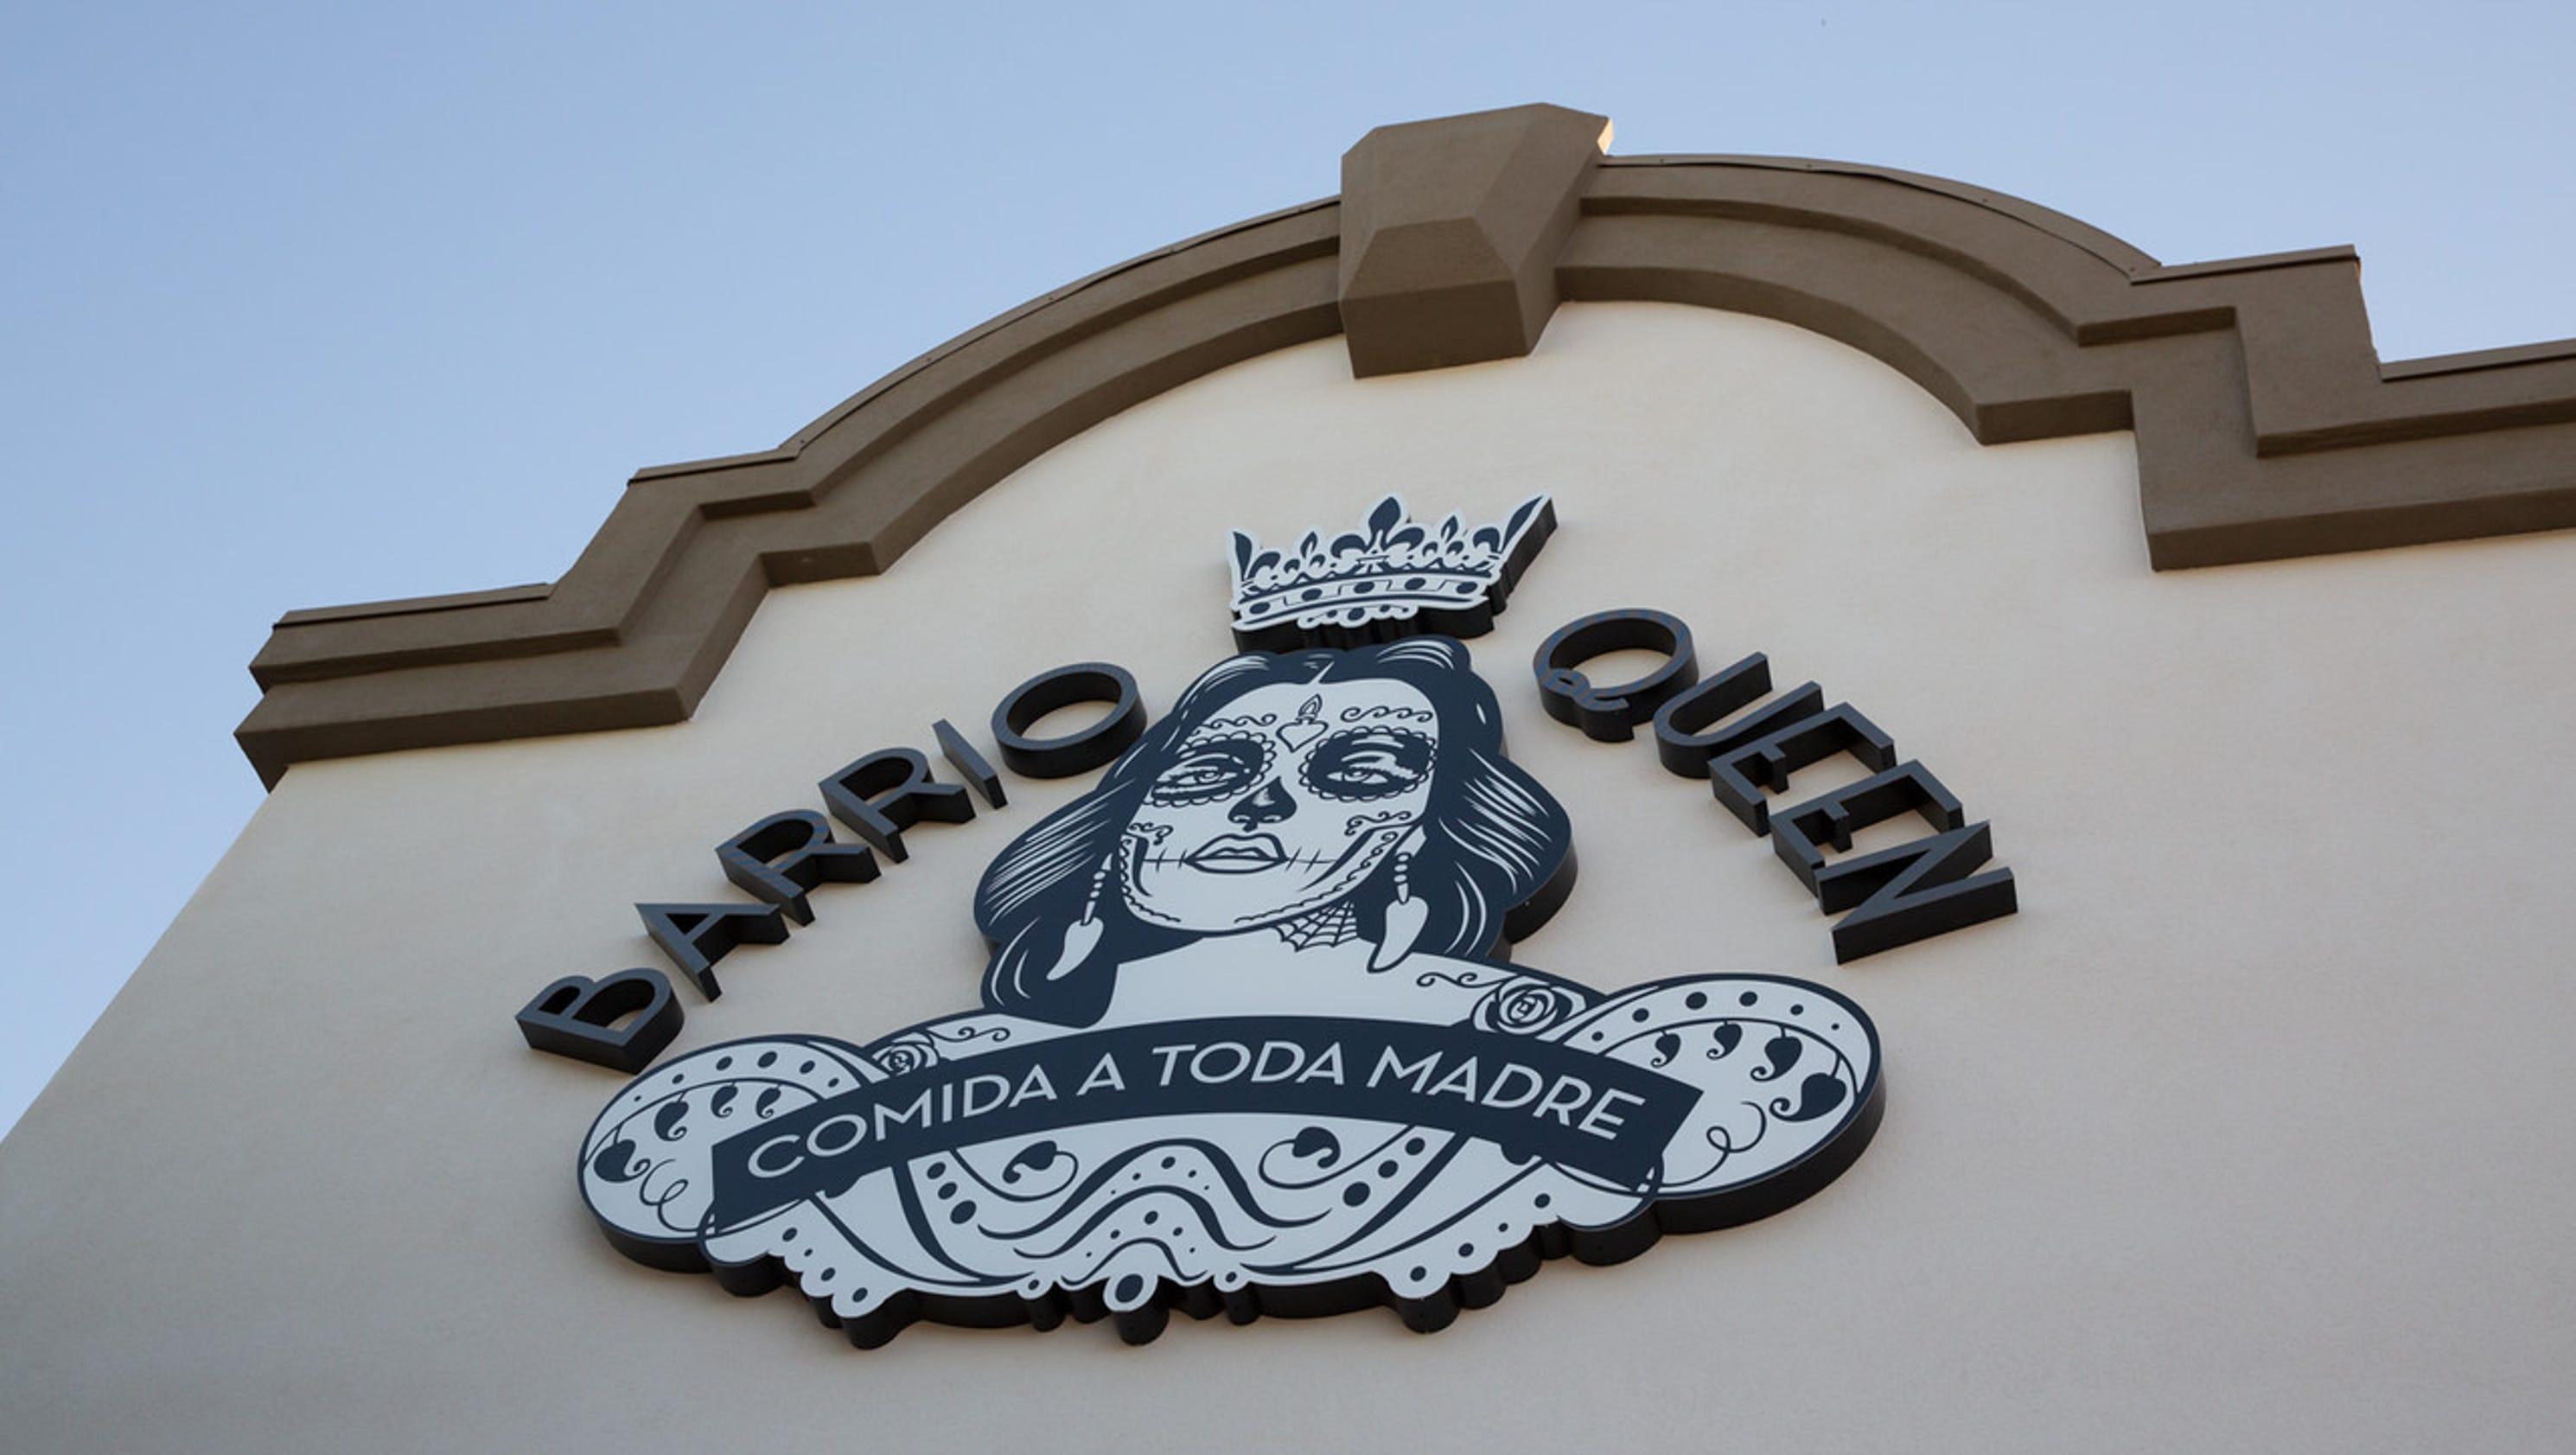 Barrio Queen restaurant opens at Desert Ridge Marketplace in Phoenix